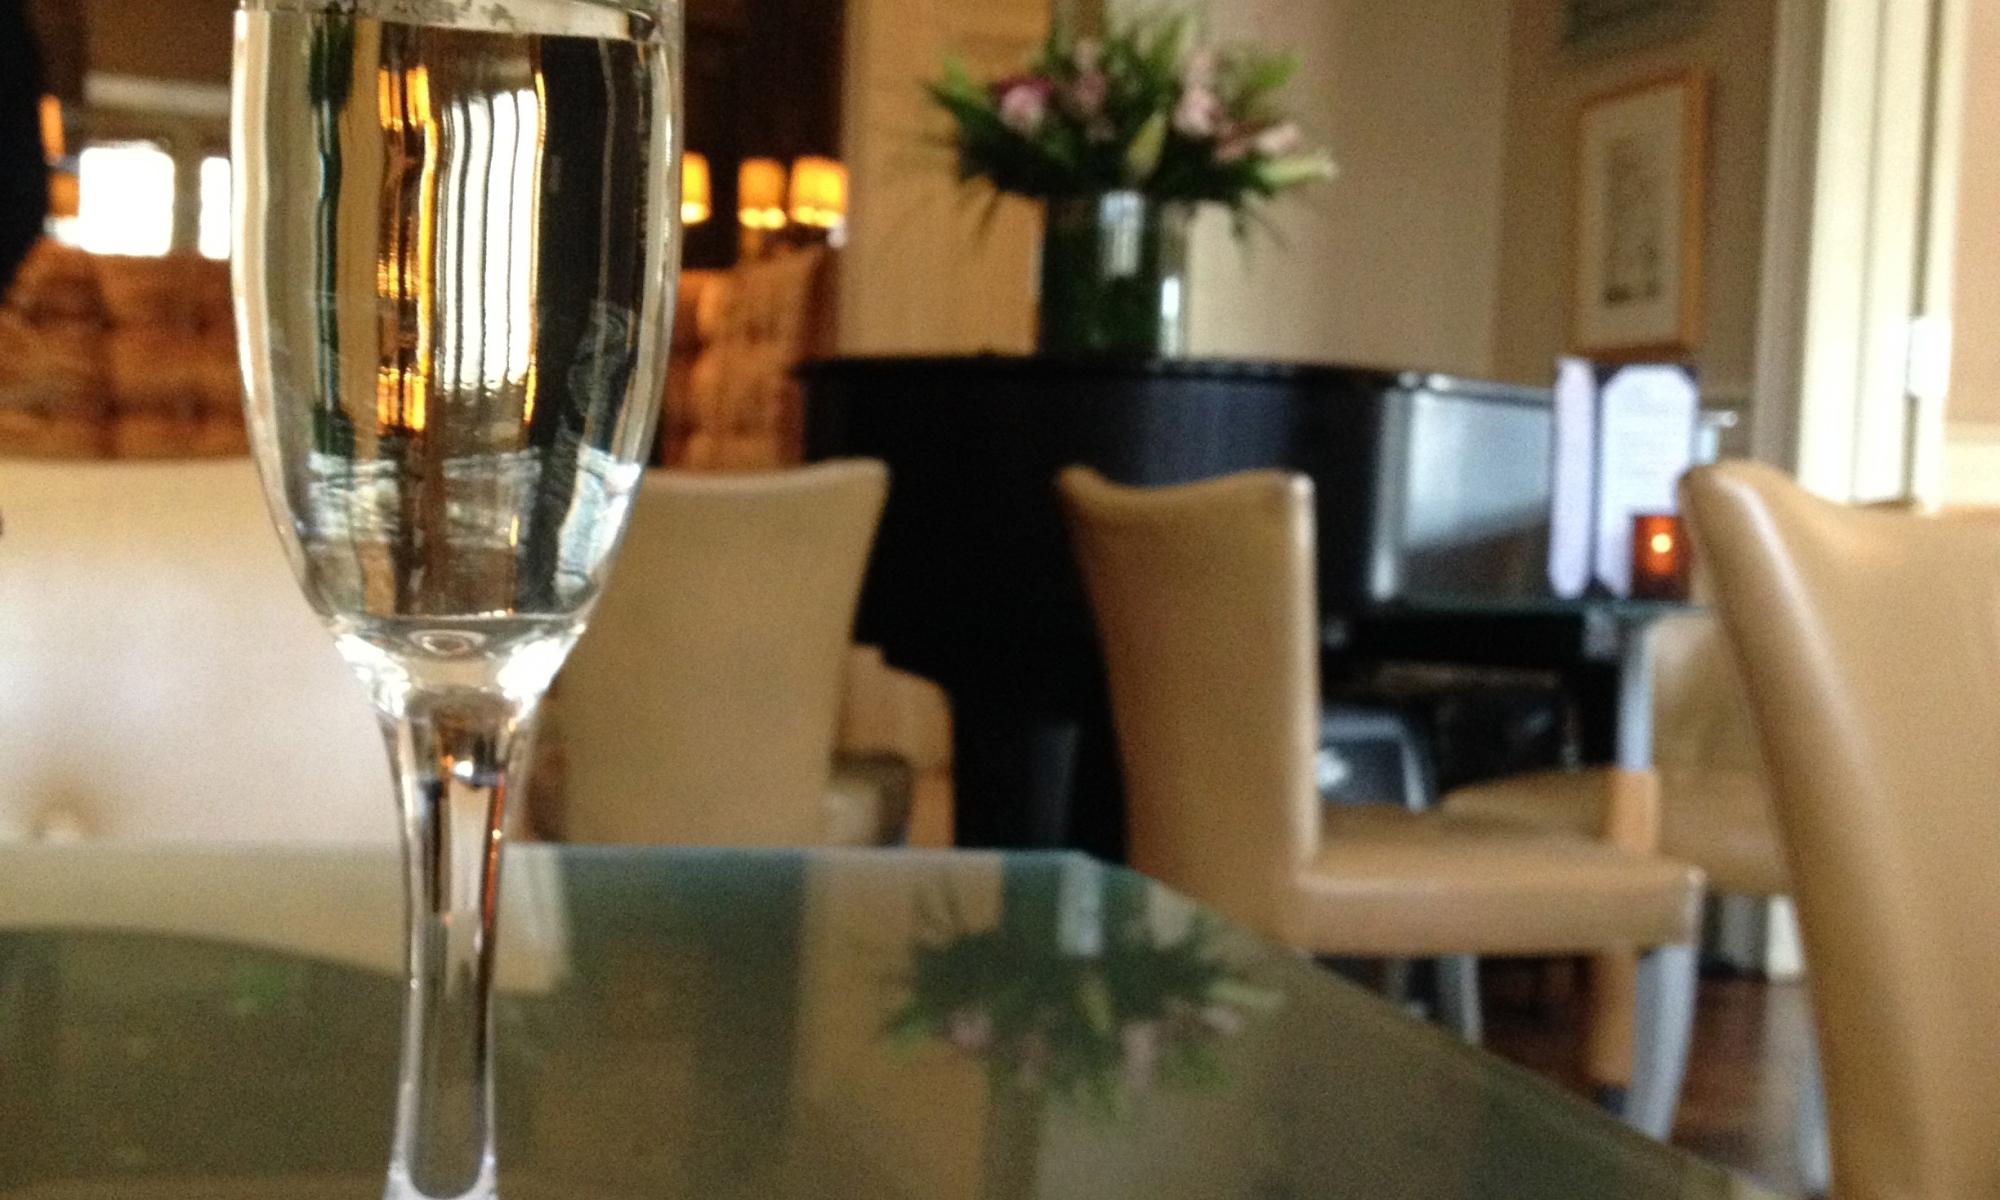 Champagne flute at Emeril's Delmonico